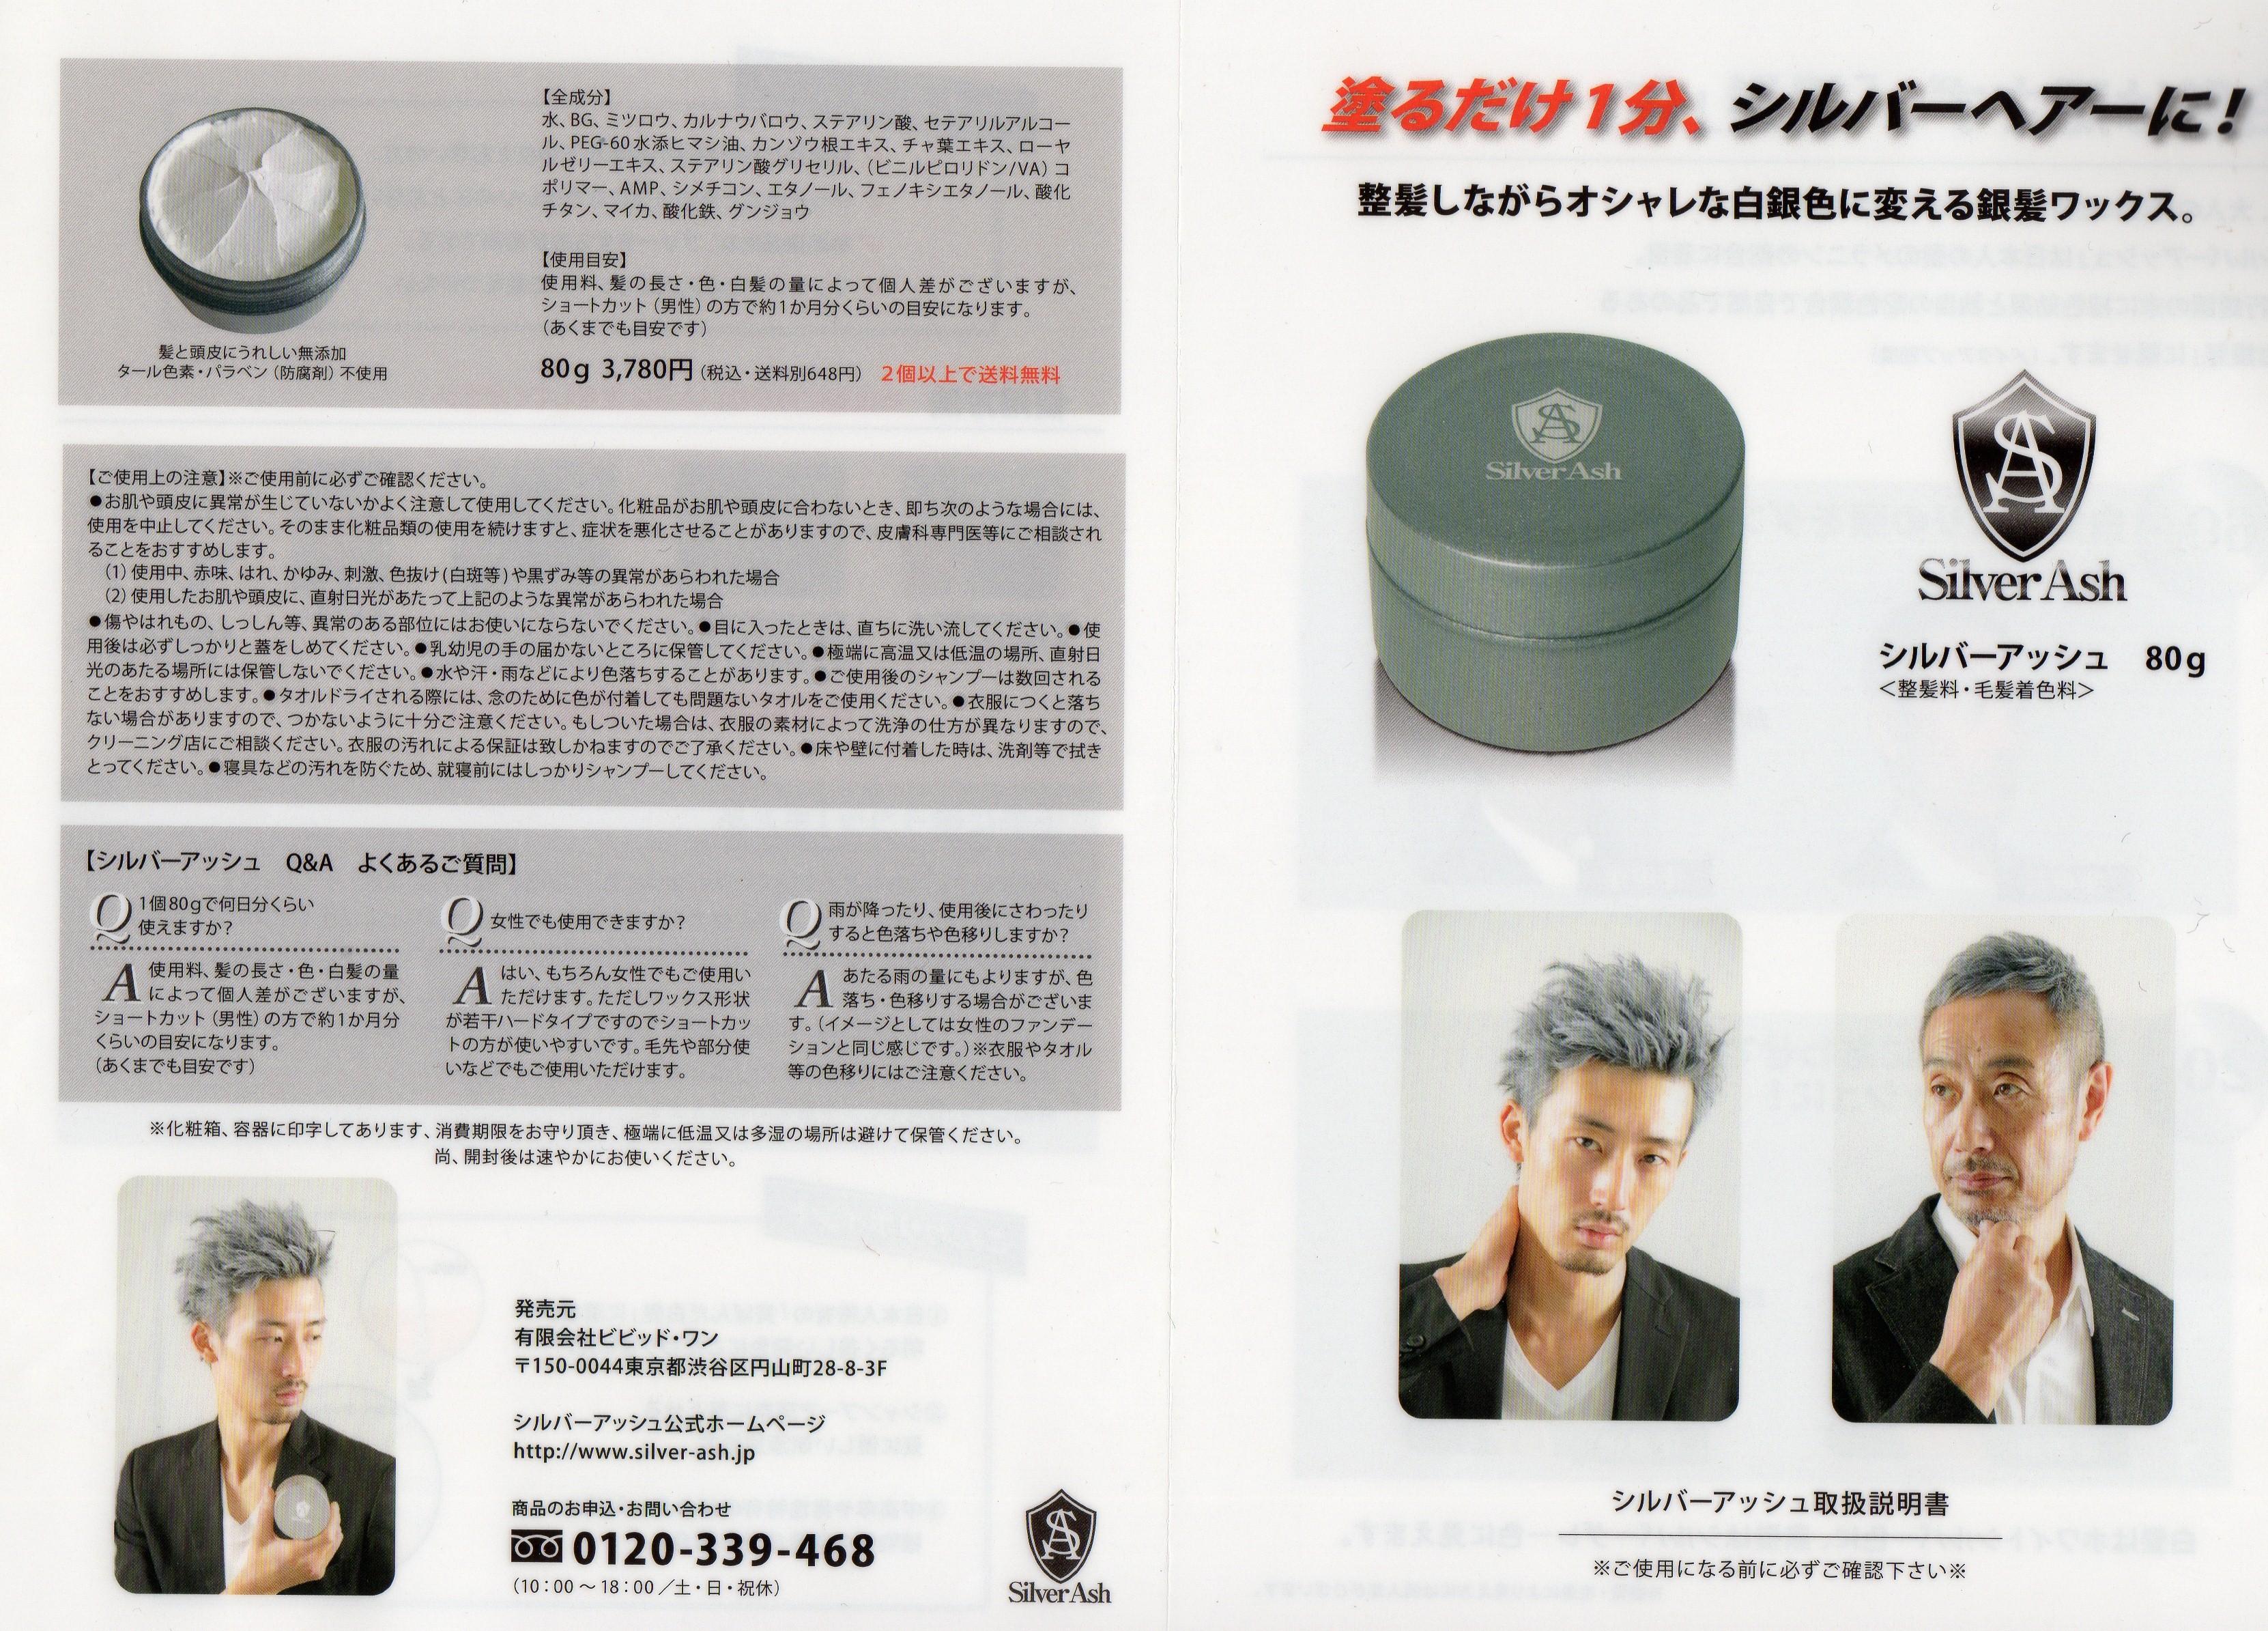 シルバーアッシュ取り扱い店 ビビッド・ワン(株)